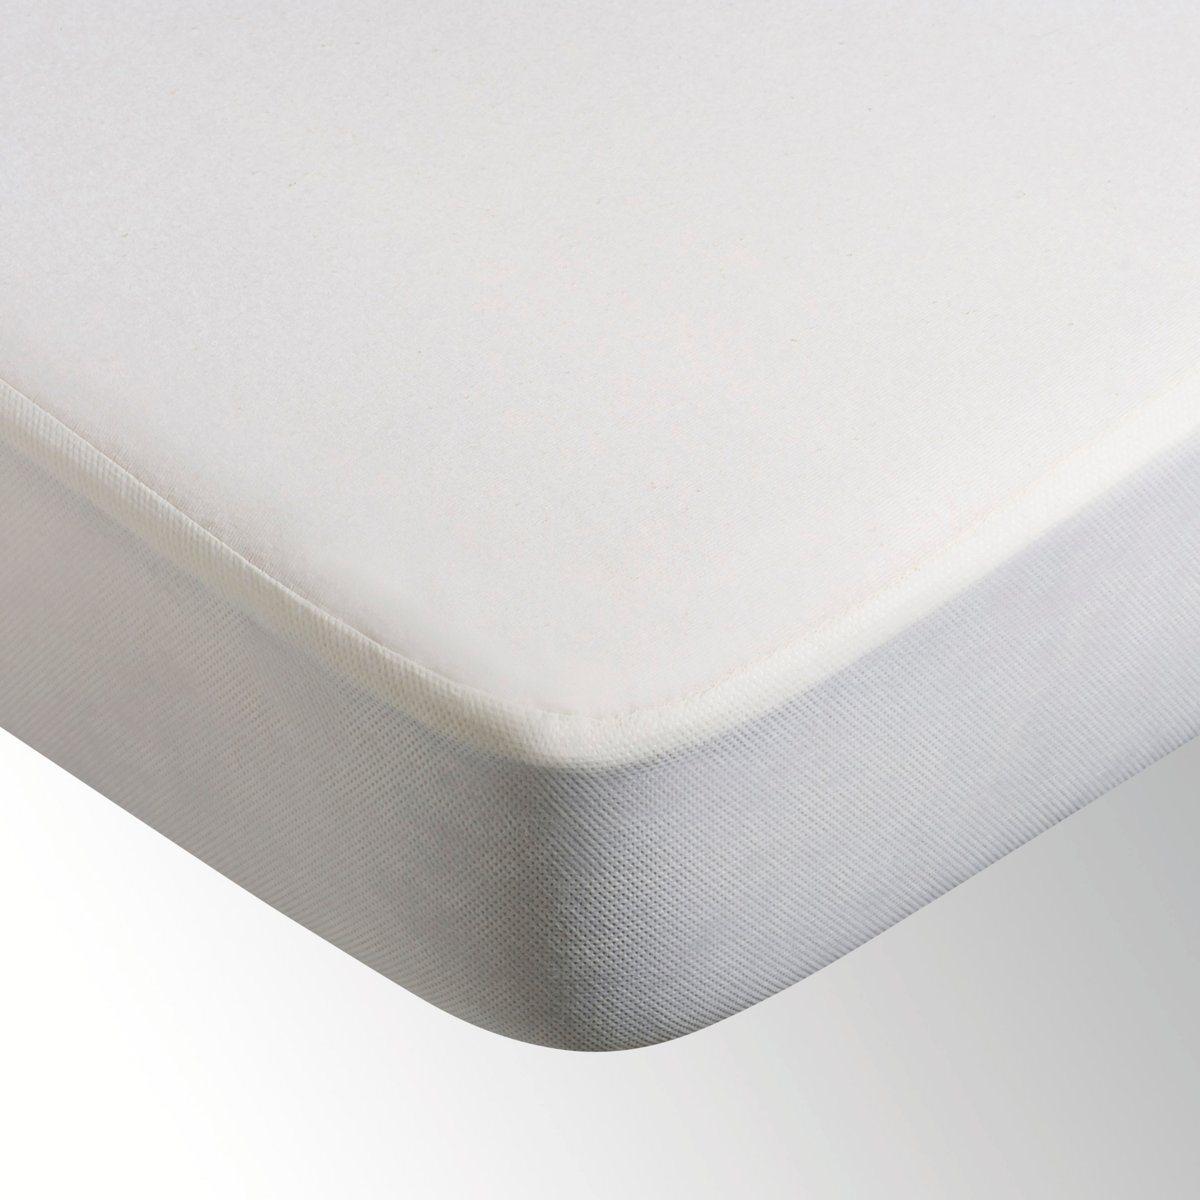 Чехол непромокаемый для матраса LA REDOUTEЗащитный чехол для матраса. Джерси, 100% биохлопка, 135 г/м?. Водоотталкивающая пропитка из полиуретана. Не препятствует циркуляции воздуха. Клапан из 100% полипропилена. Плотно облегает углы (клапан 27 см). Стирка при 60°.<br><br>Цвет: экрю